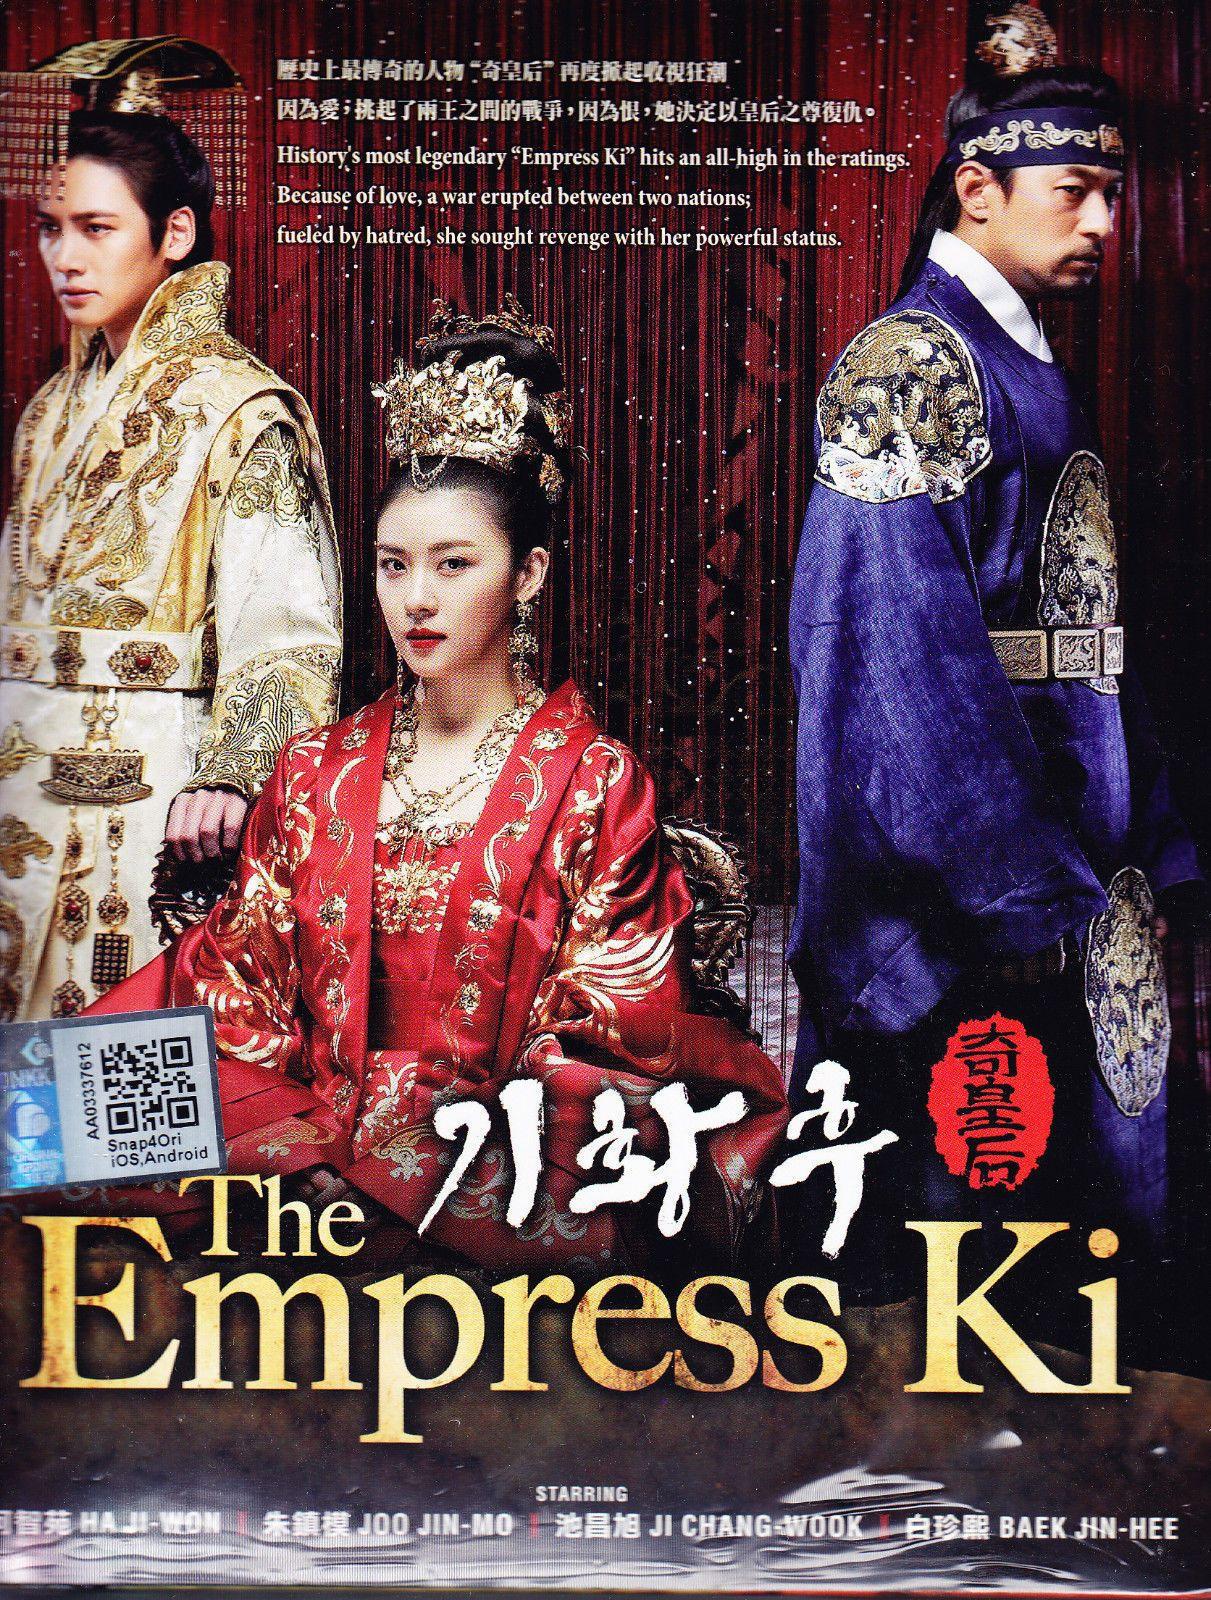 KOREA DRAMA DVD THE EMPRESS KI 奇皇后 Ha Ji-Won Baek Jin-Hee